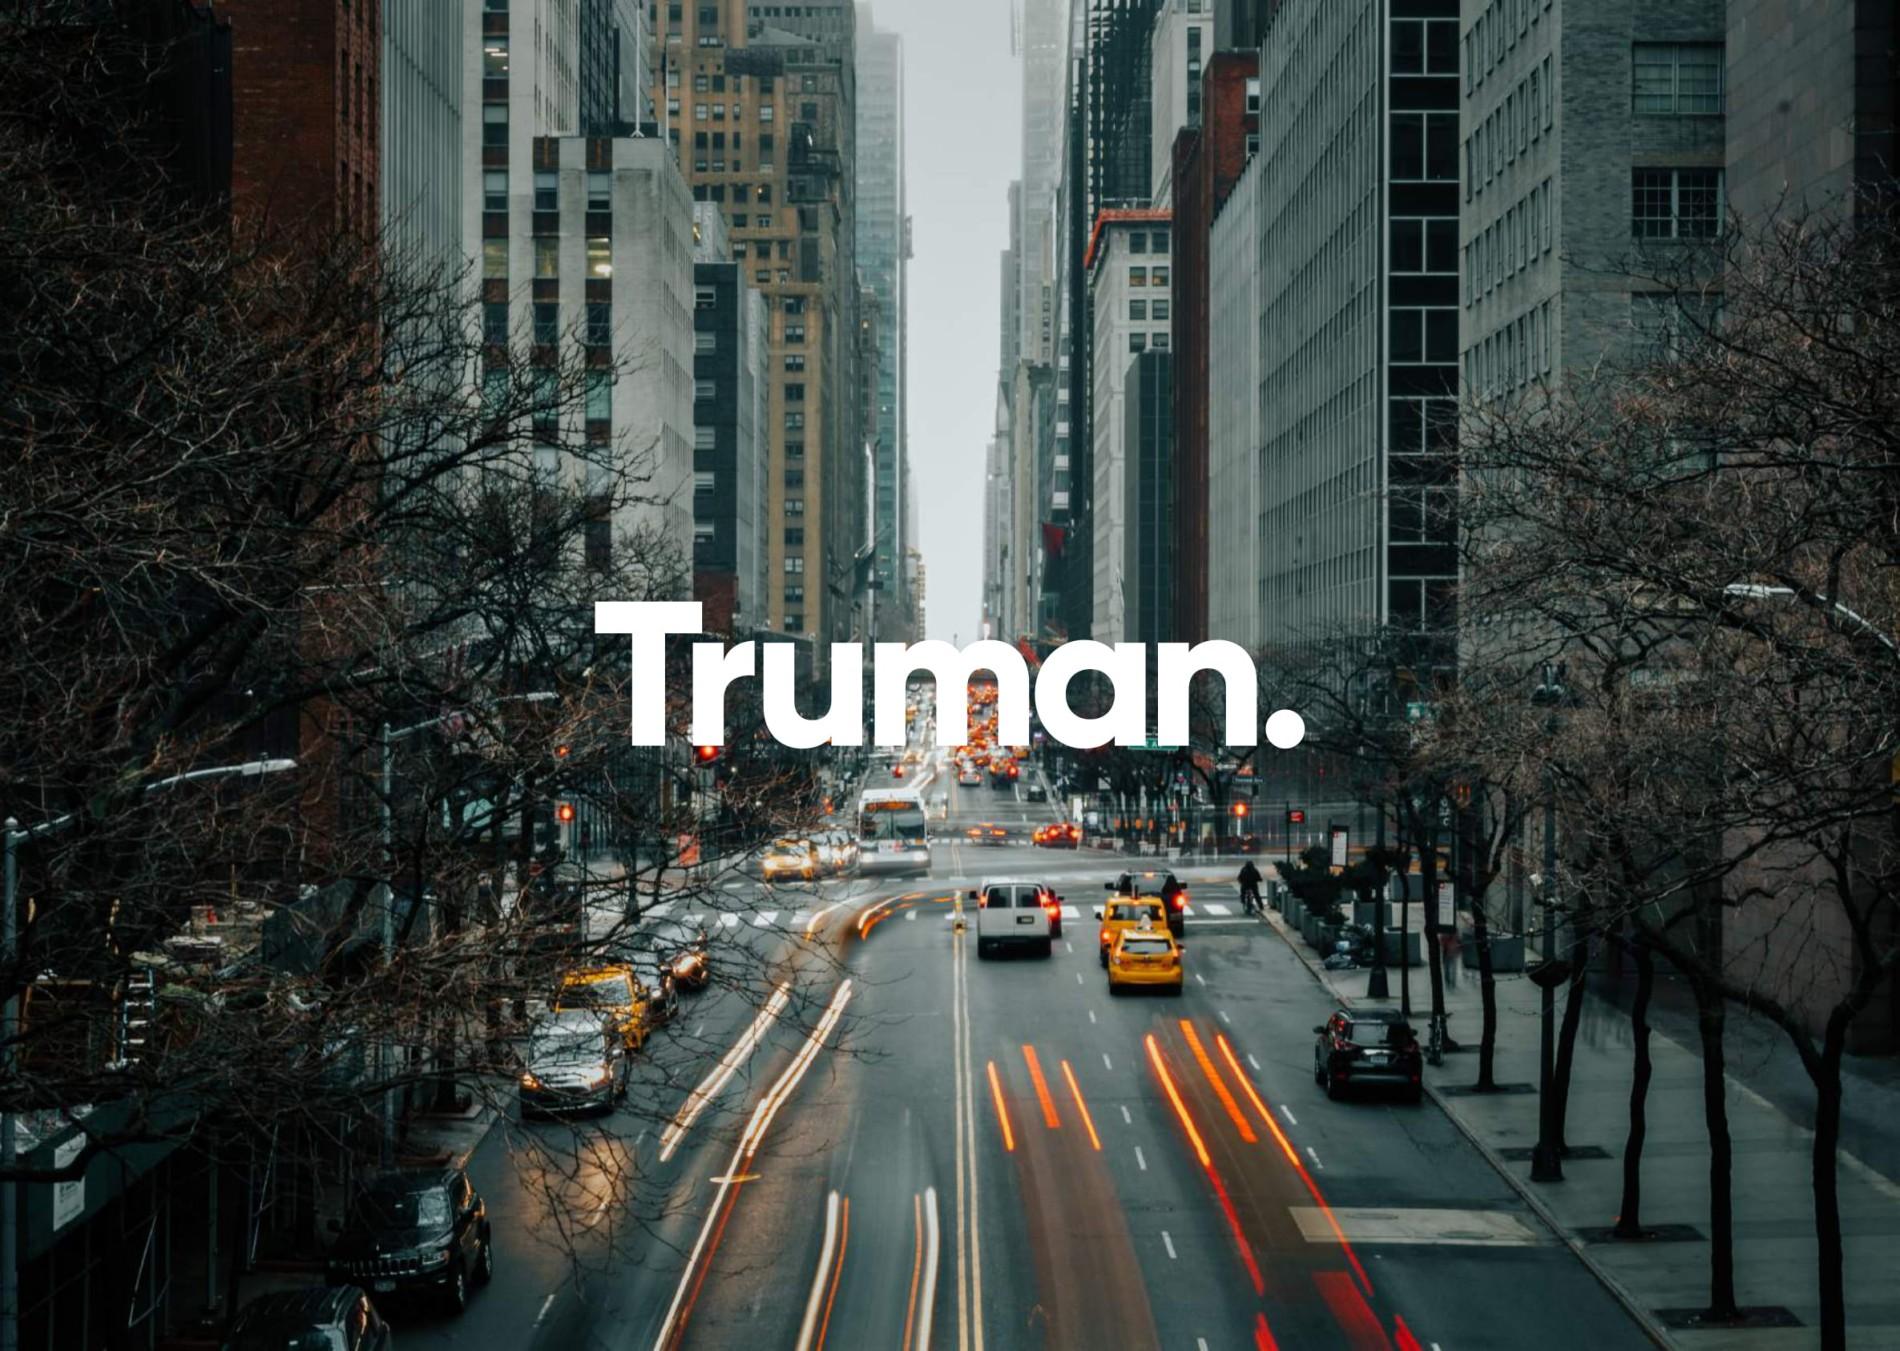 Bienvenidx a Truman.